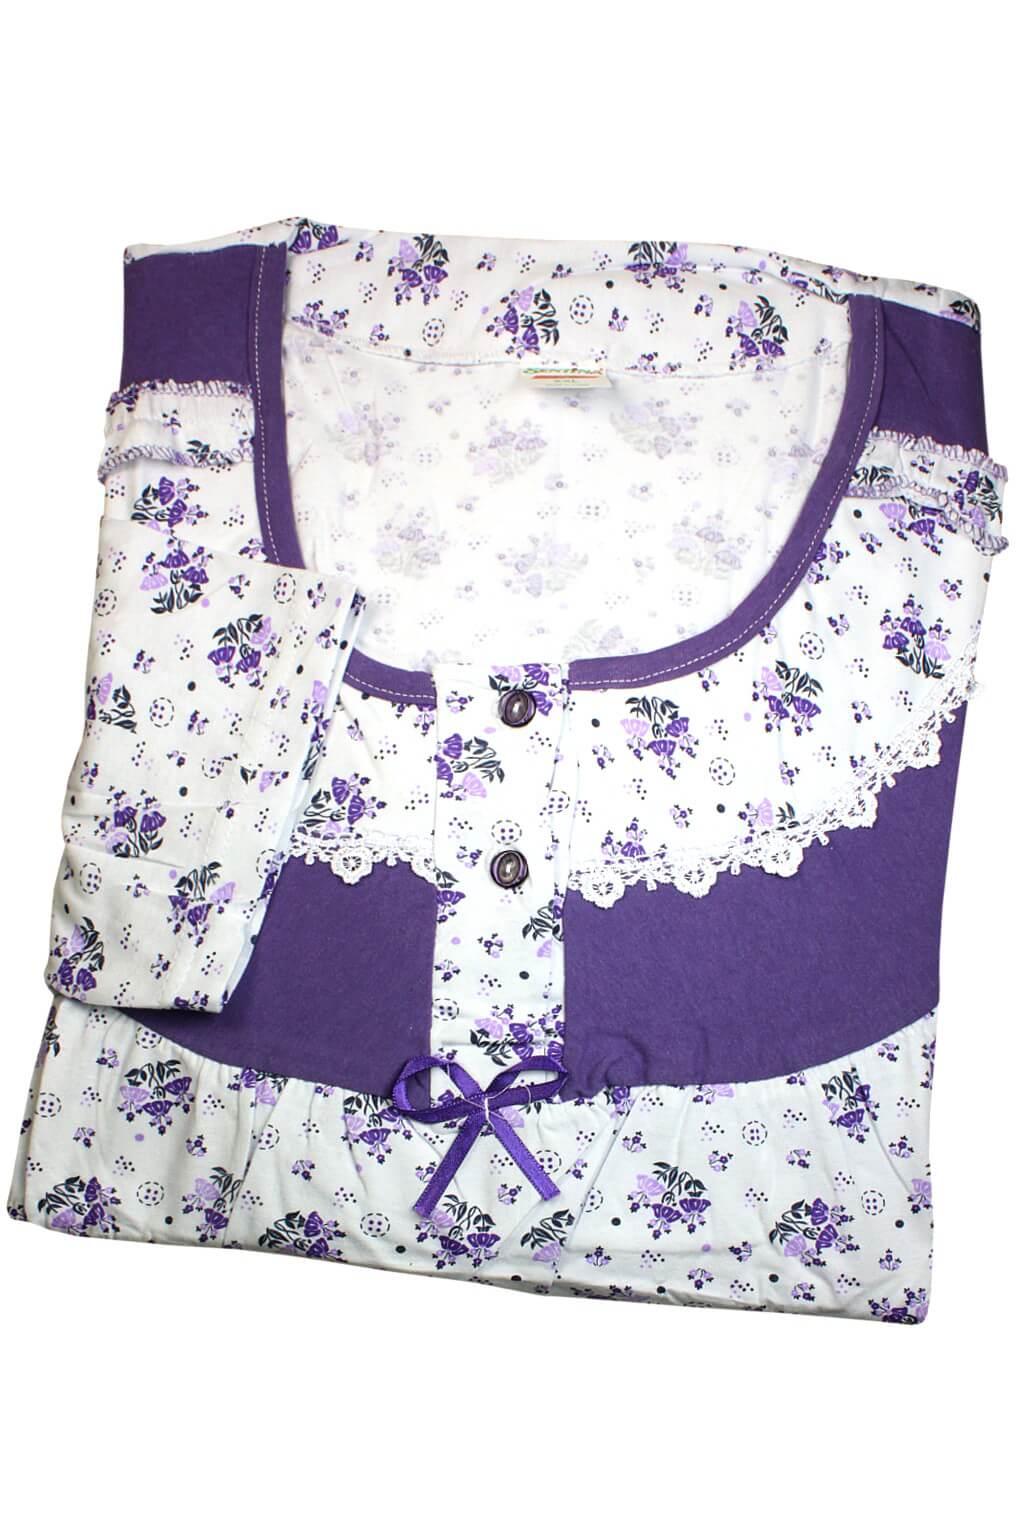 Wellora dámská noční košile XXL XXL fialová